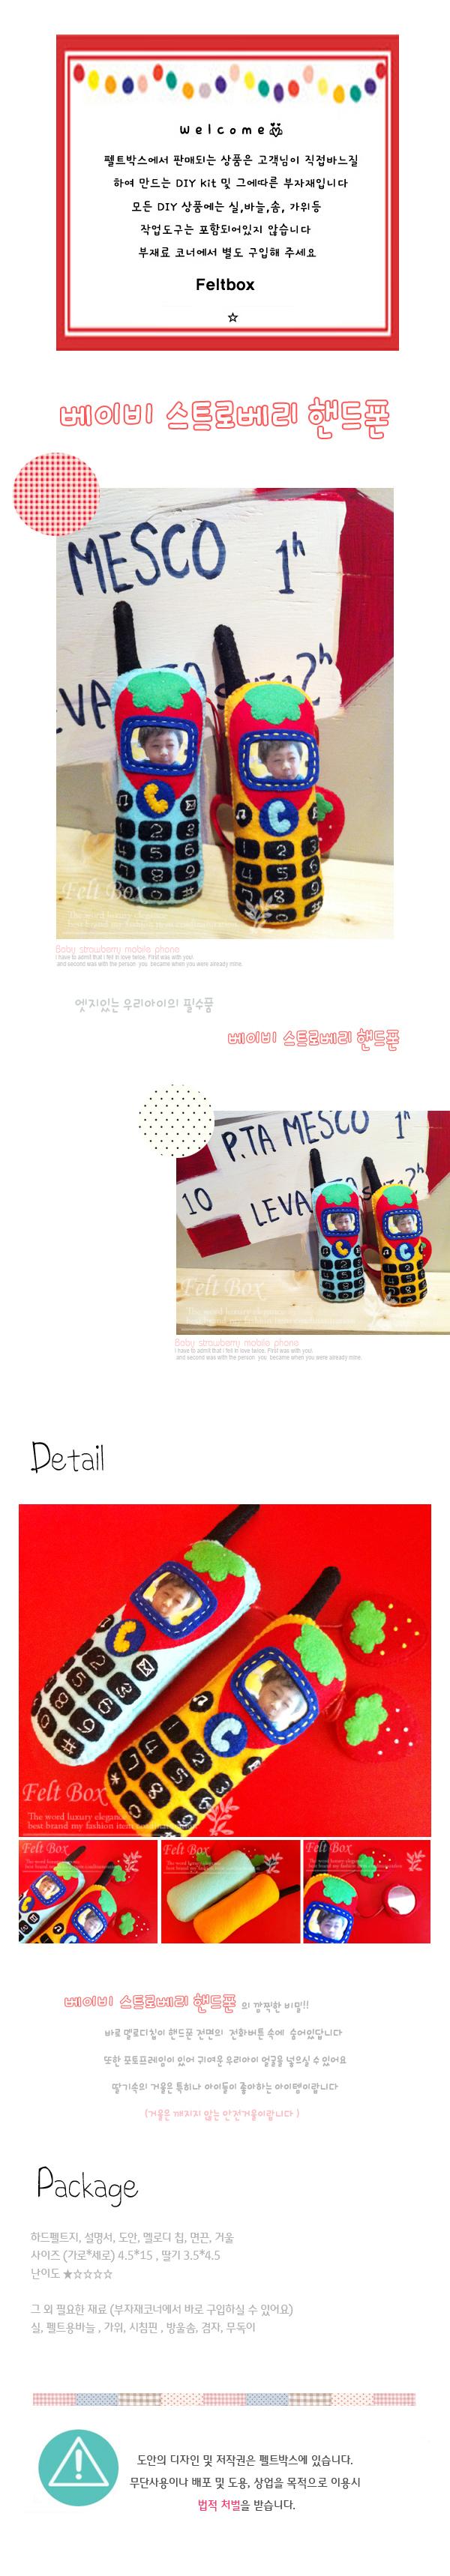 반제품 DIY kit  베이비스트로베리 핸드폰 - 펠트박스, 6,600원, 펠트공예, 펠트인형 패키지